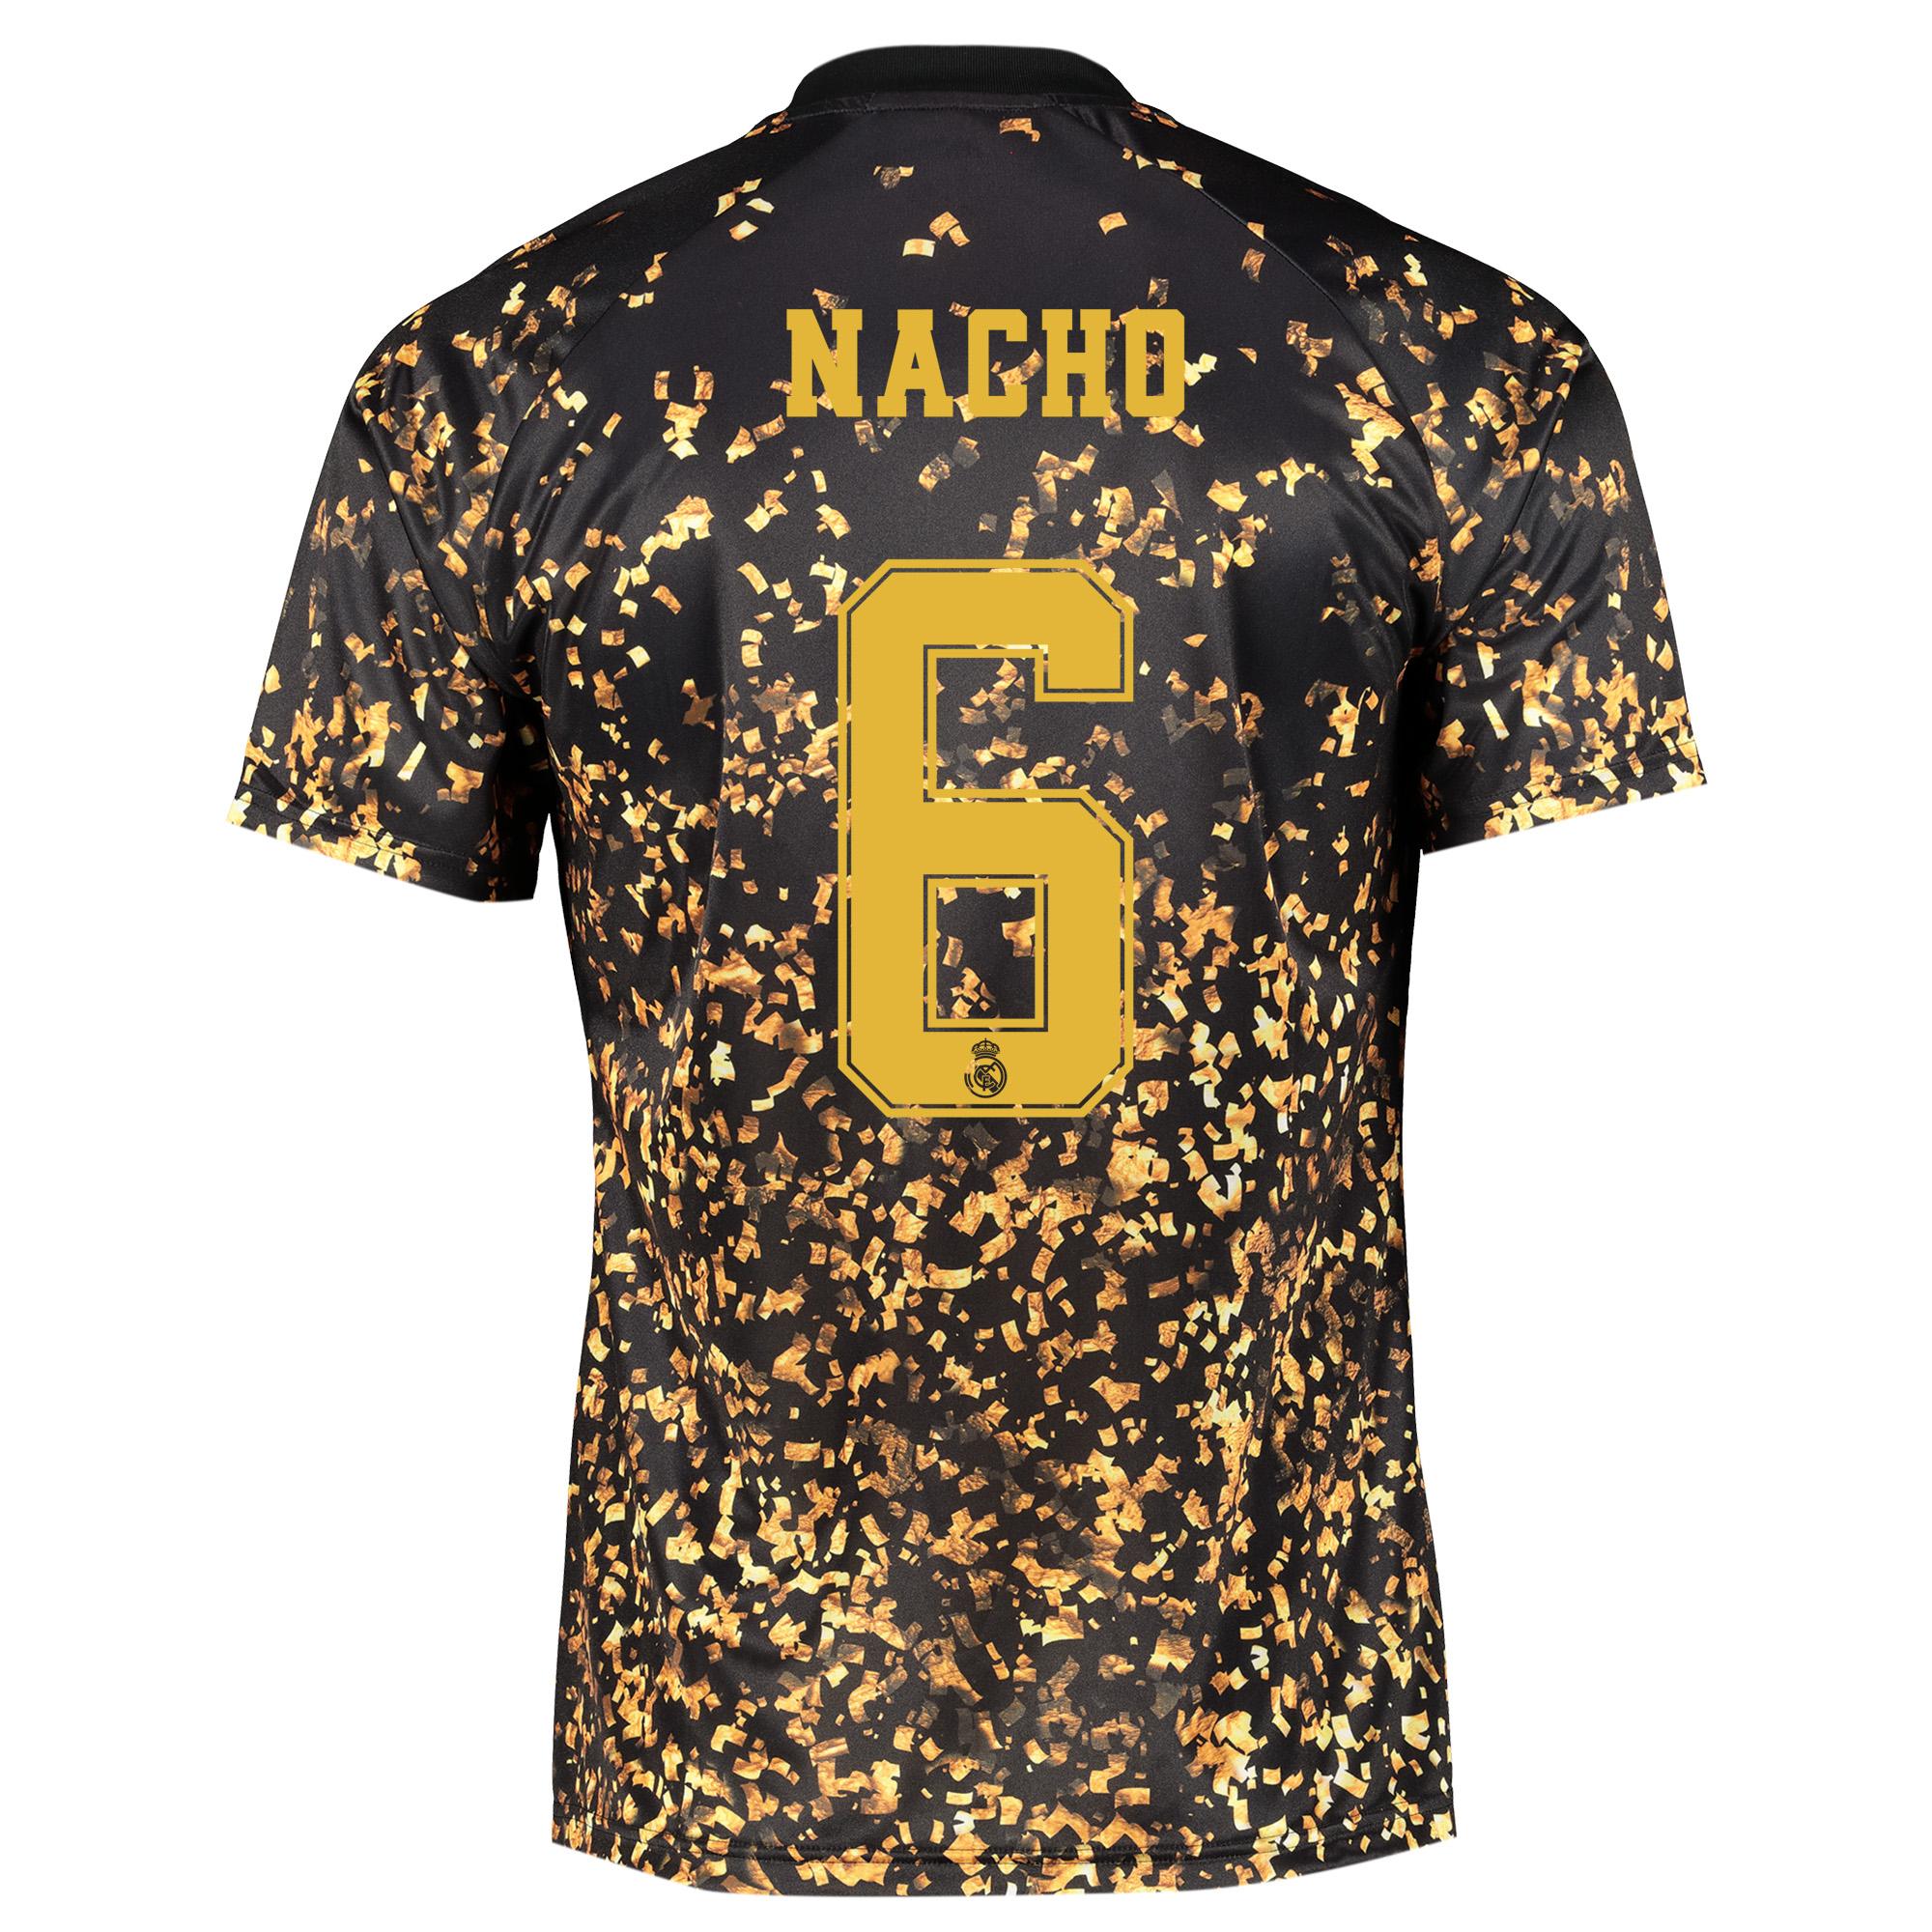 Camiseta adidas EA Sports del Real Madrid - Negro dorsal Nacho 6